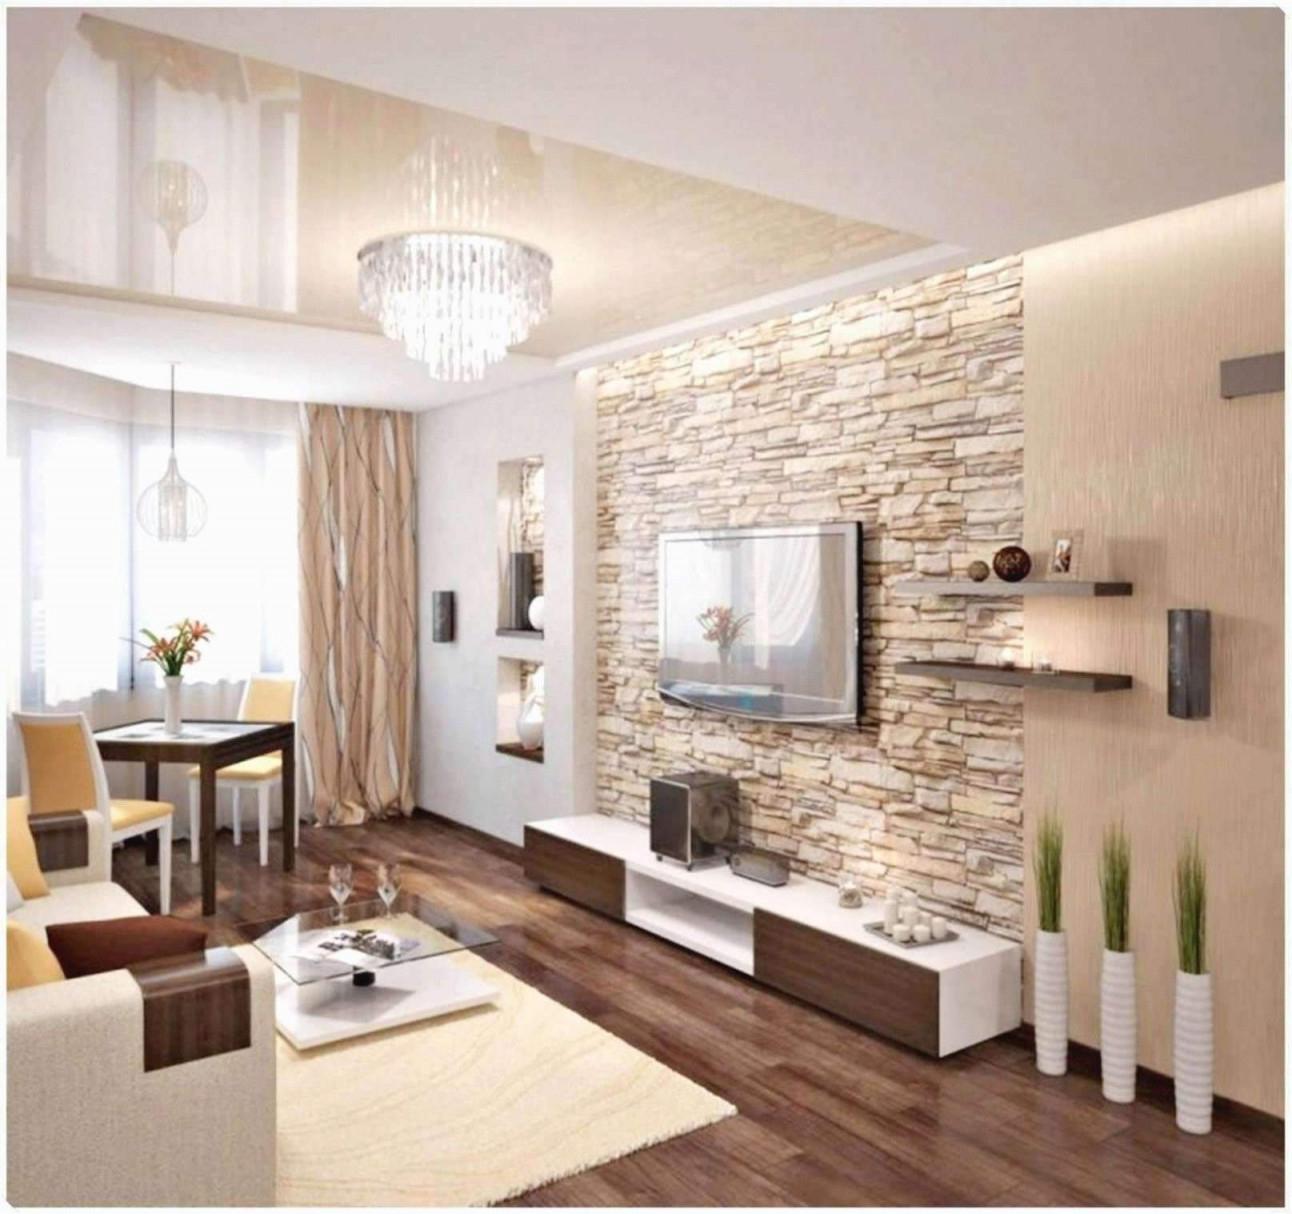 29 Luxus Wohnzimmer Einrichten Ideen Genial  Wohnzimmer Frisch von Wohnzimmer Einrichten Holz Photo